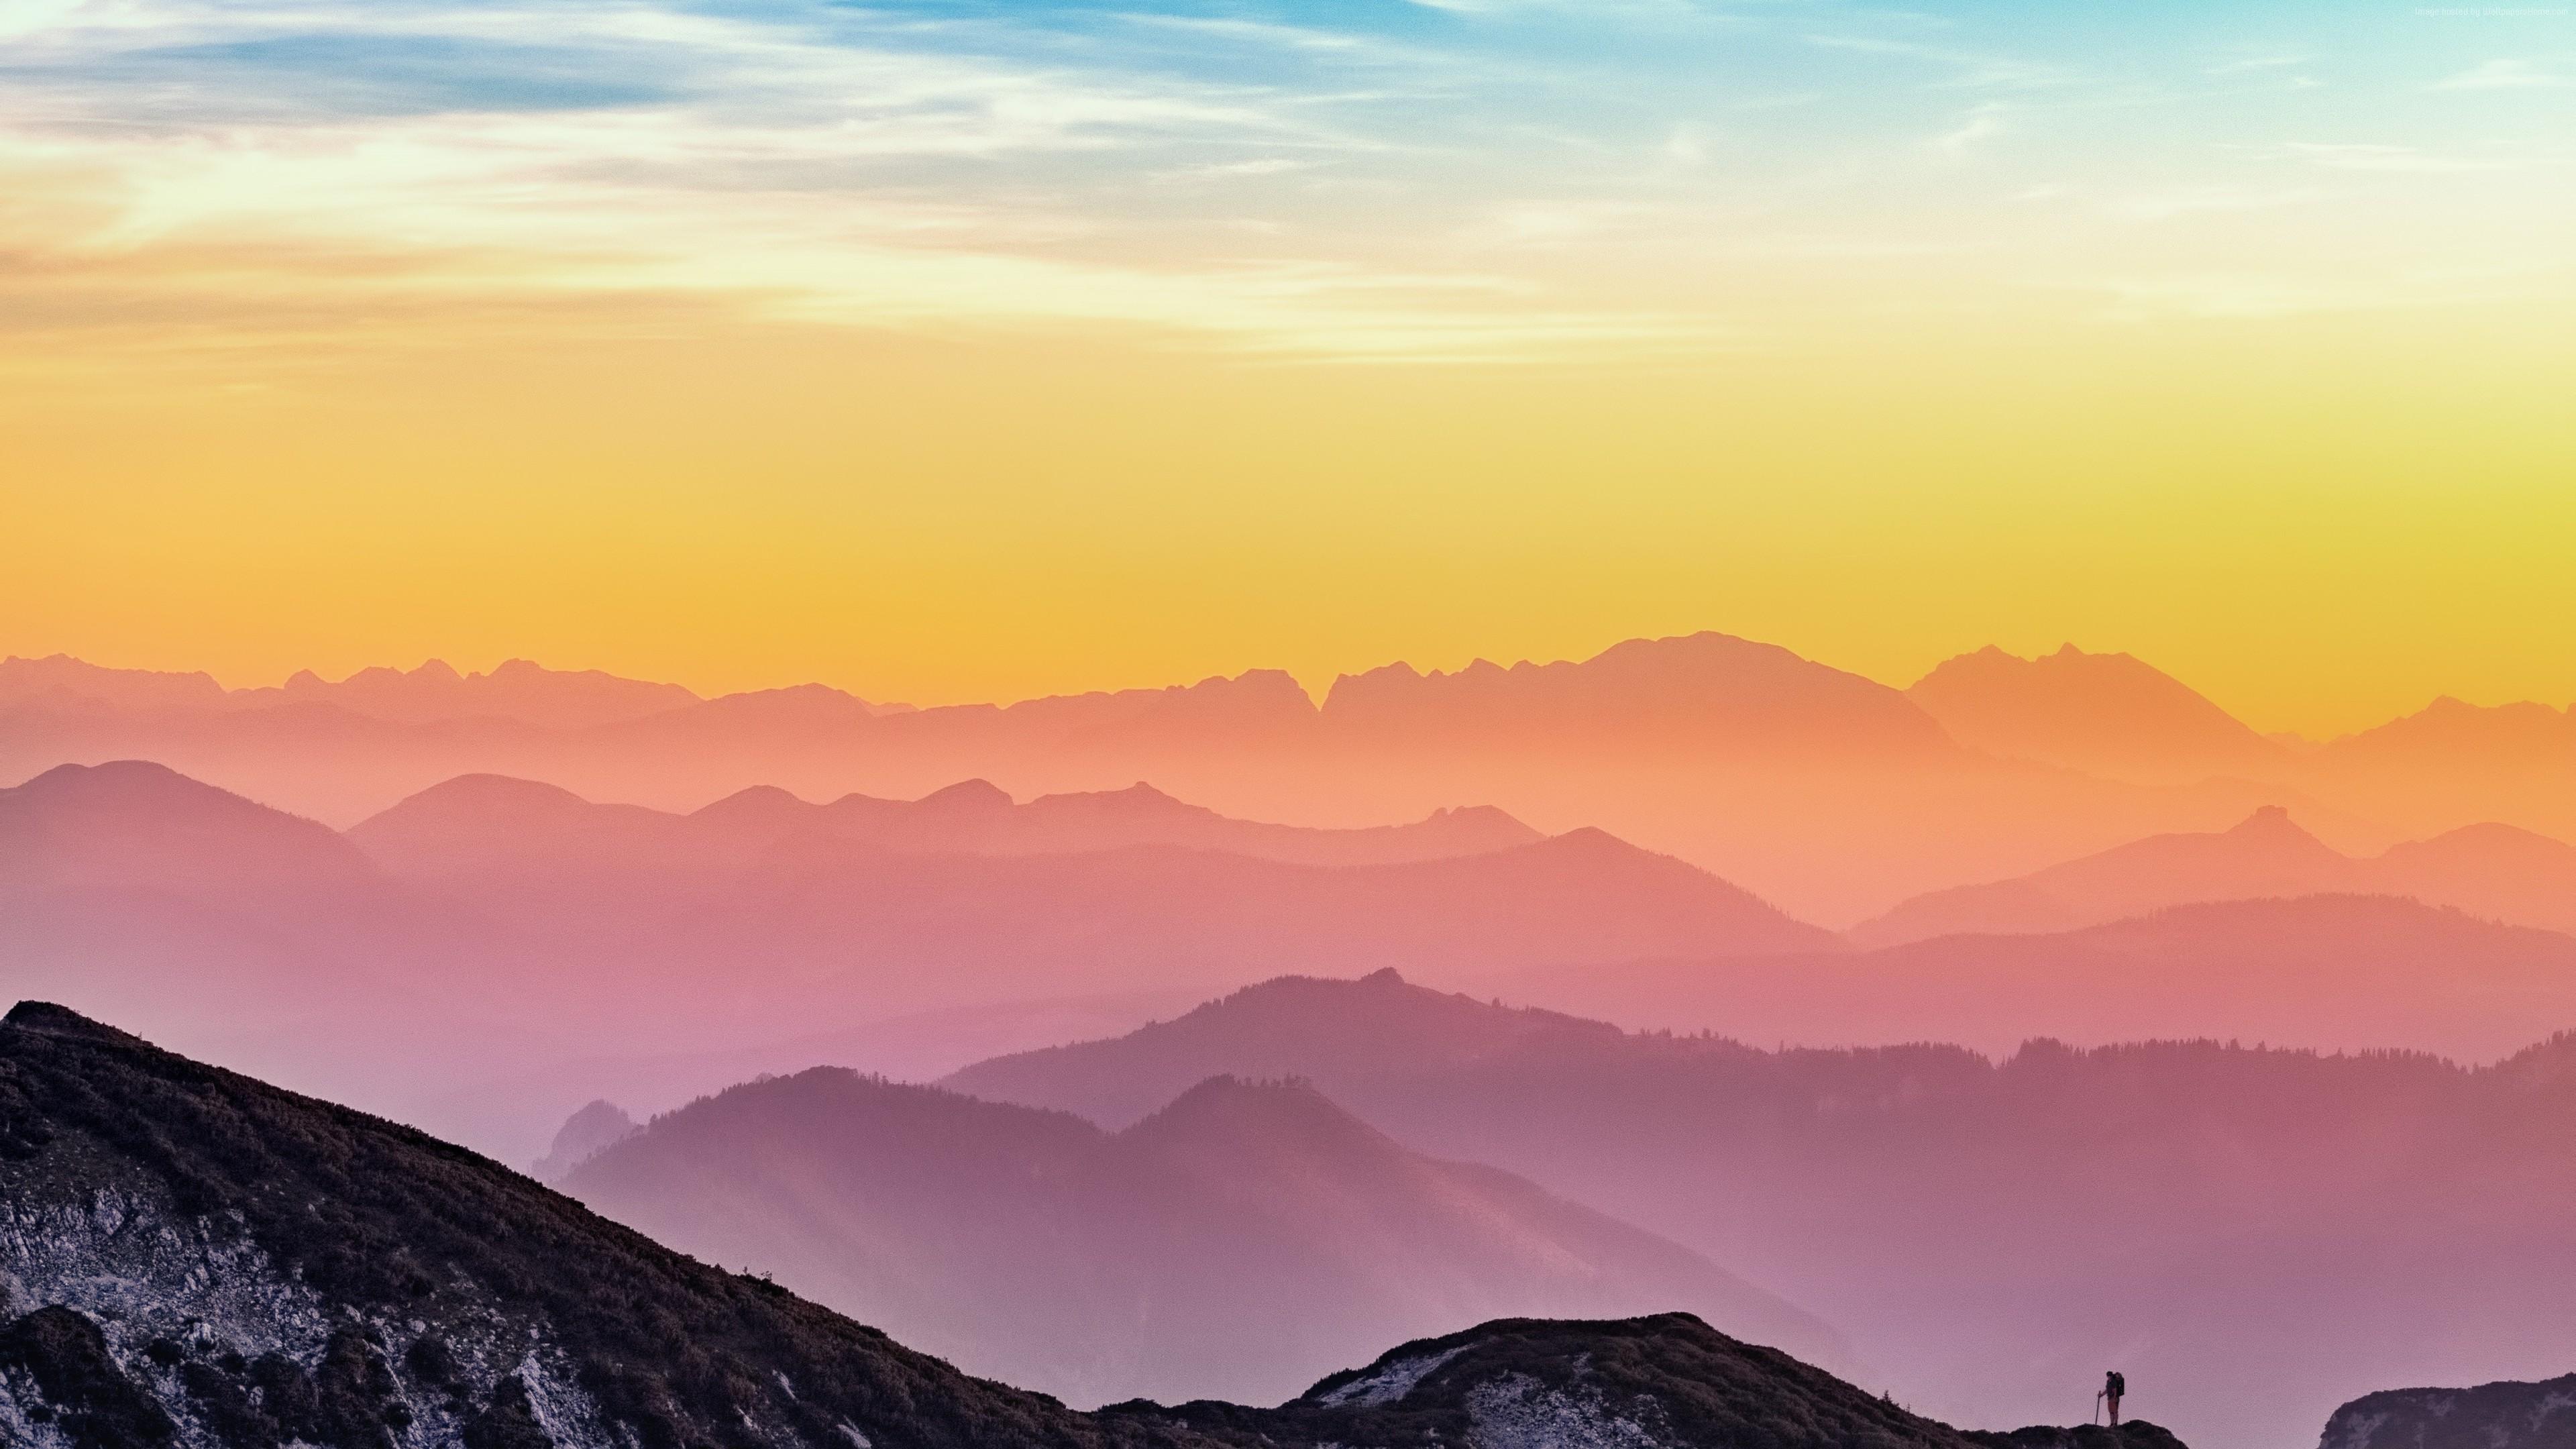 Ảnh Background phong cảnh đẹp